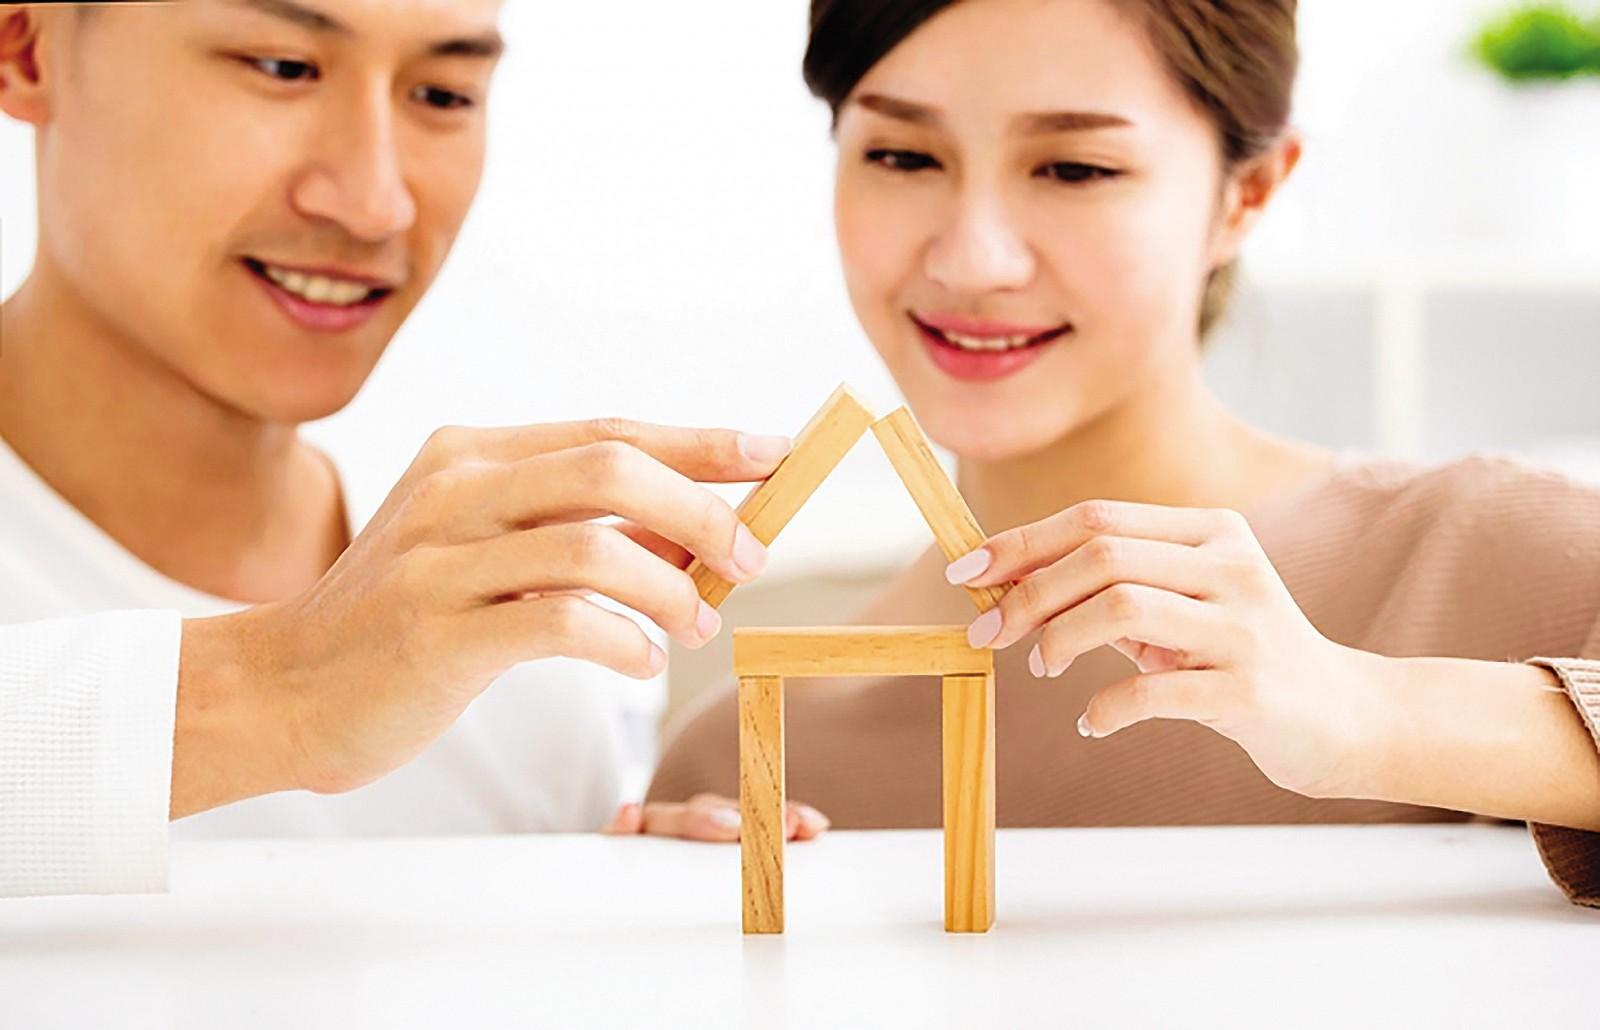 Ra riêng là một trong những cách giúp những đôi vợ chồng trẻ trưởng thành hơn. Ảnh: minh họa từ internet